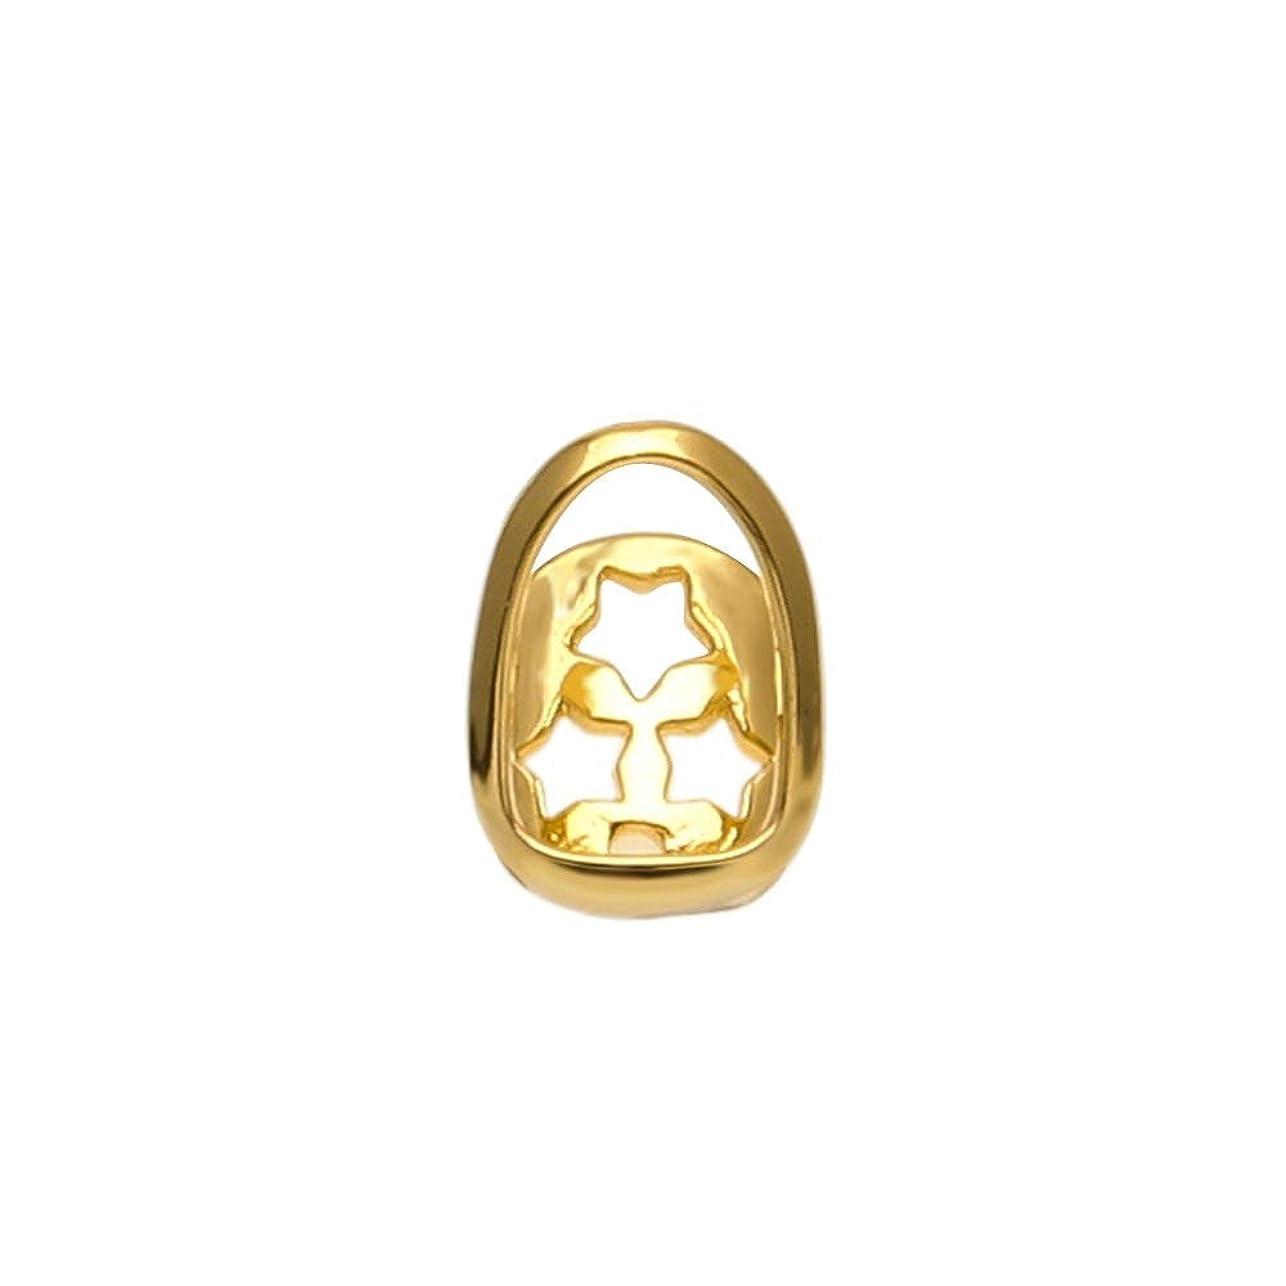 聞きます時計酒YHDD ヒップホップシングル中空ゴールドの歯象嵌ゴールドエッジ歯ヨーロッパとアメリカのゴールドブレースシングル歯ヒップホップジュエリー (色 : ゴールド)